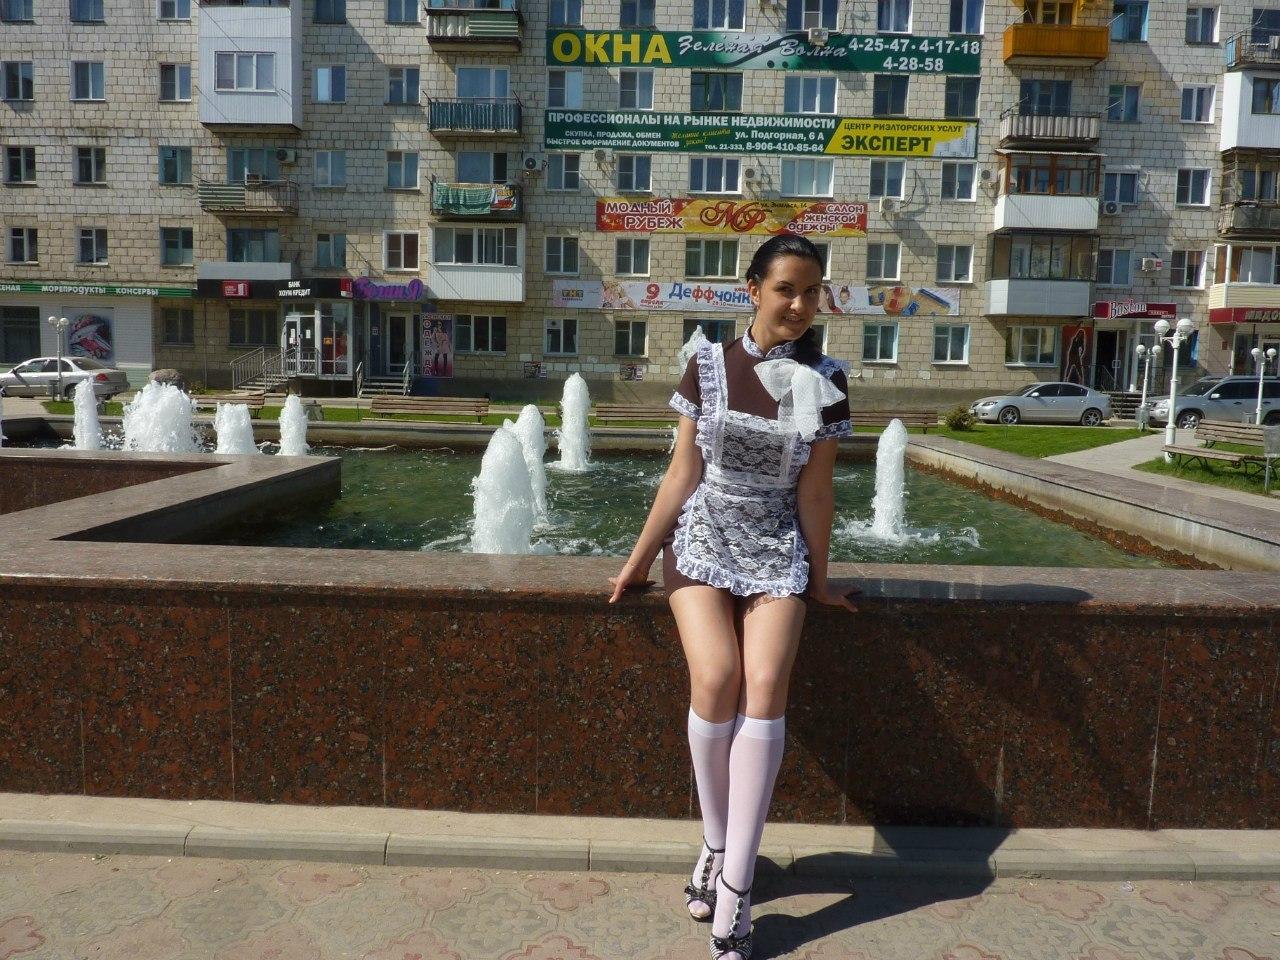 русская порна школнитсы